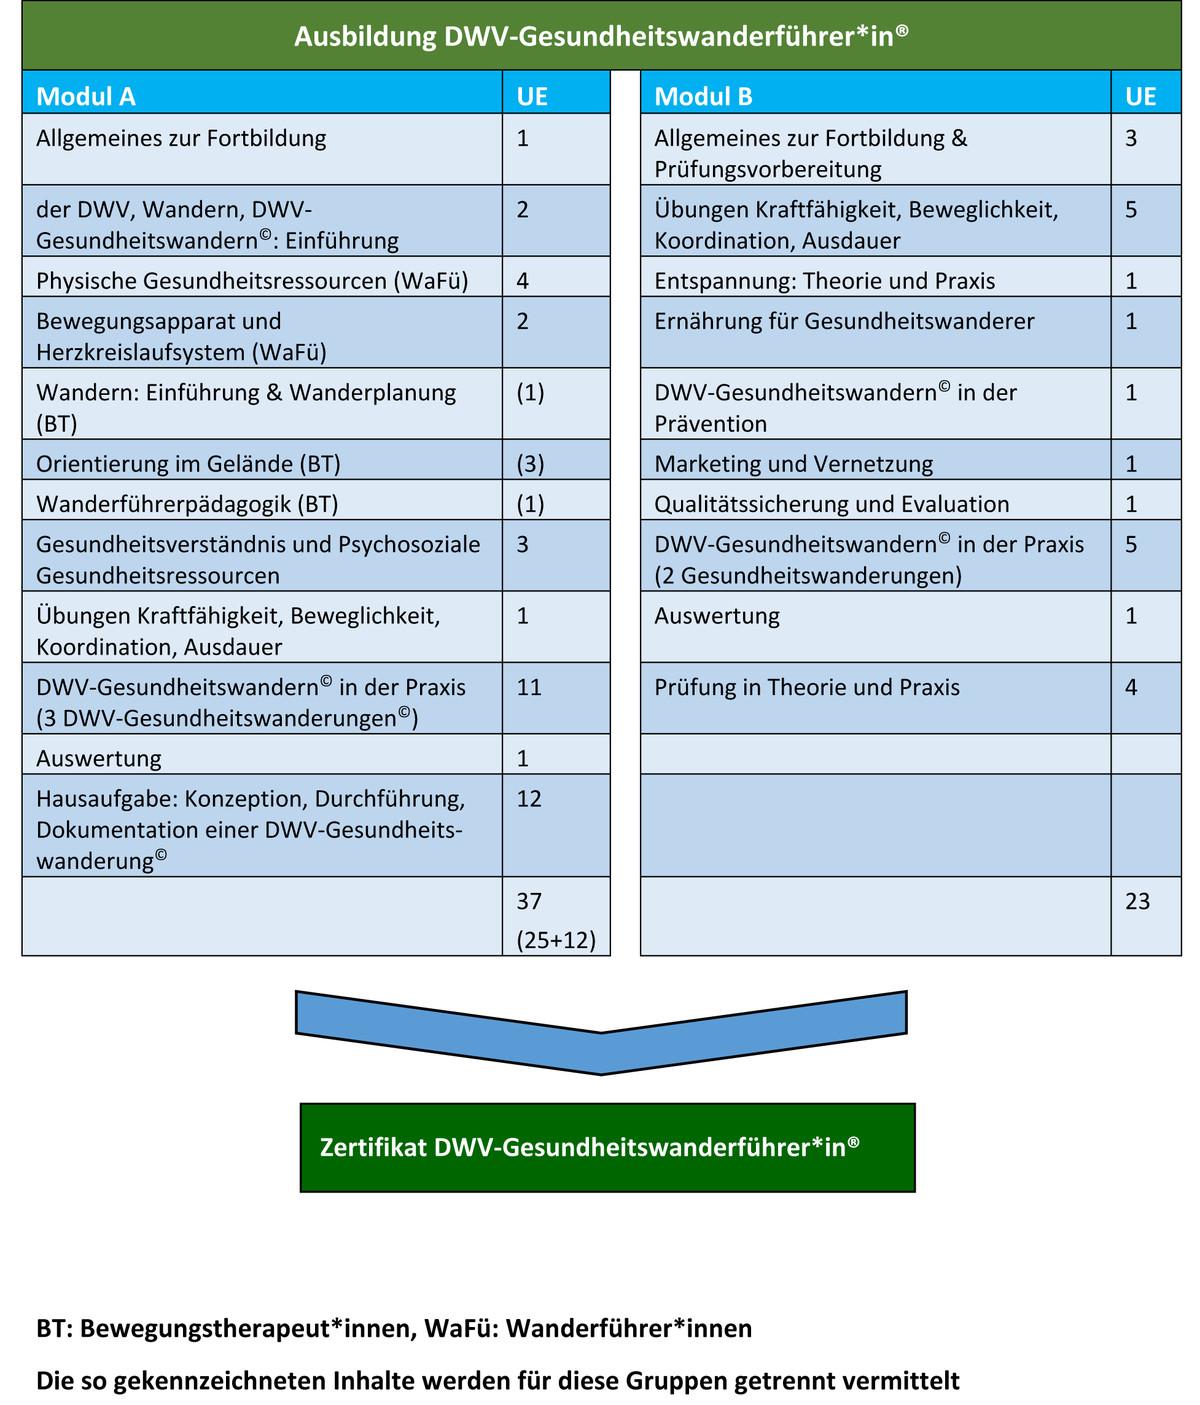 Übersicht Ausbildung DWV-Gesundheitswanderführer*in®